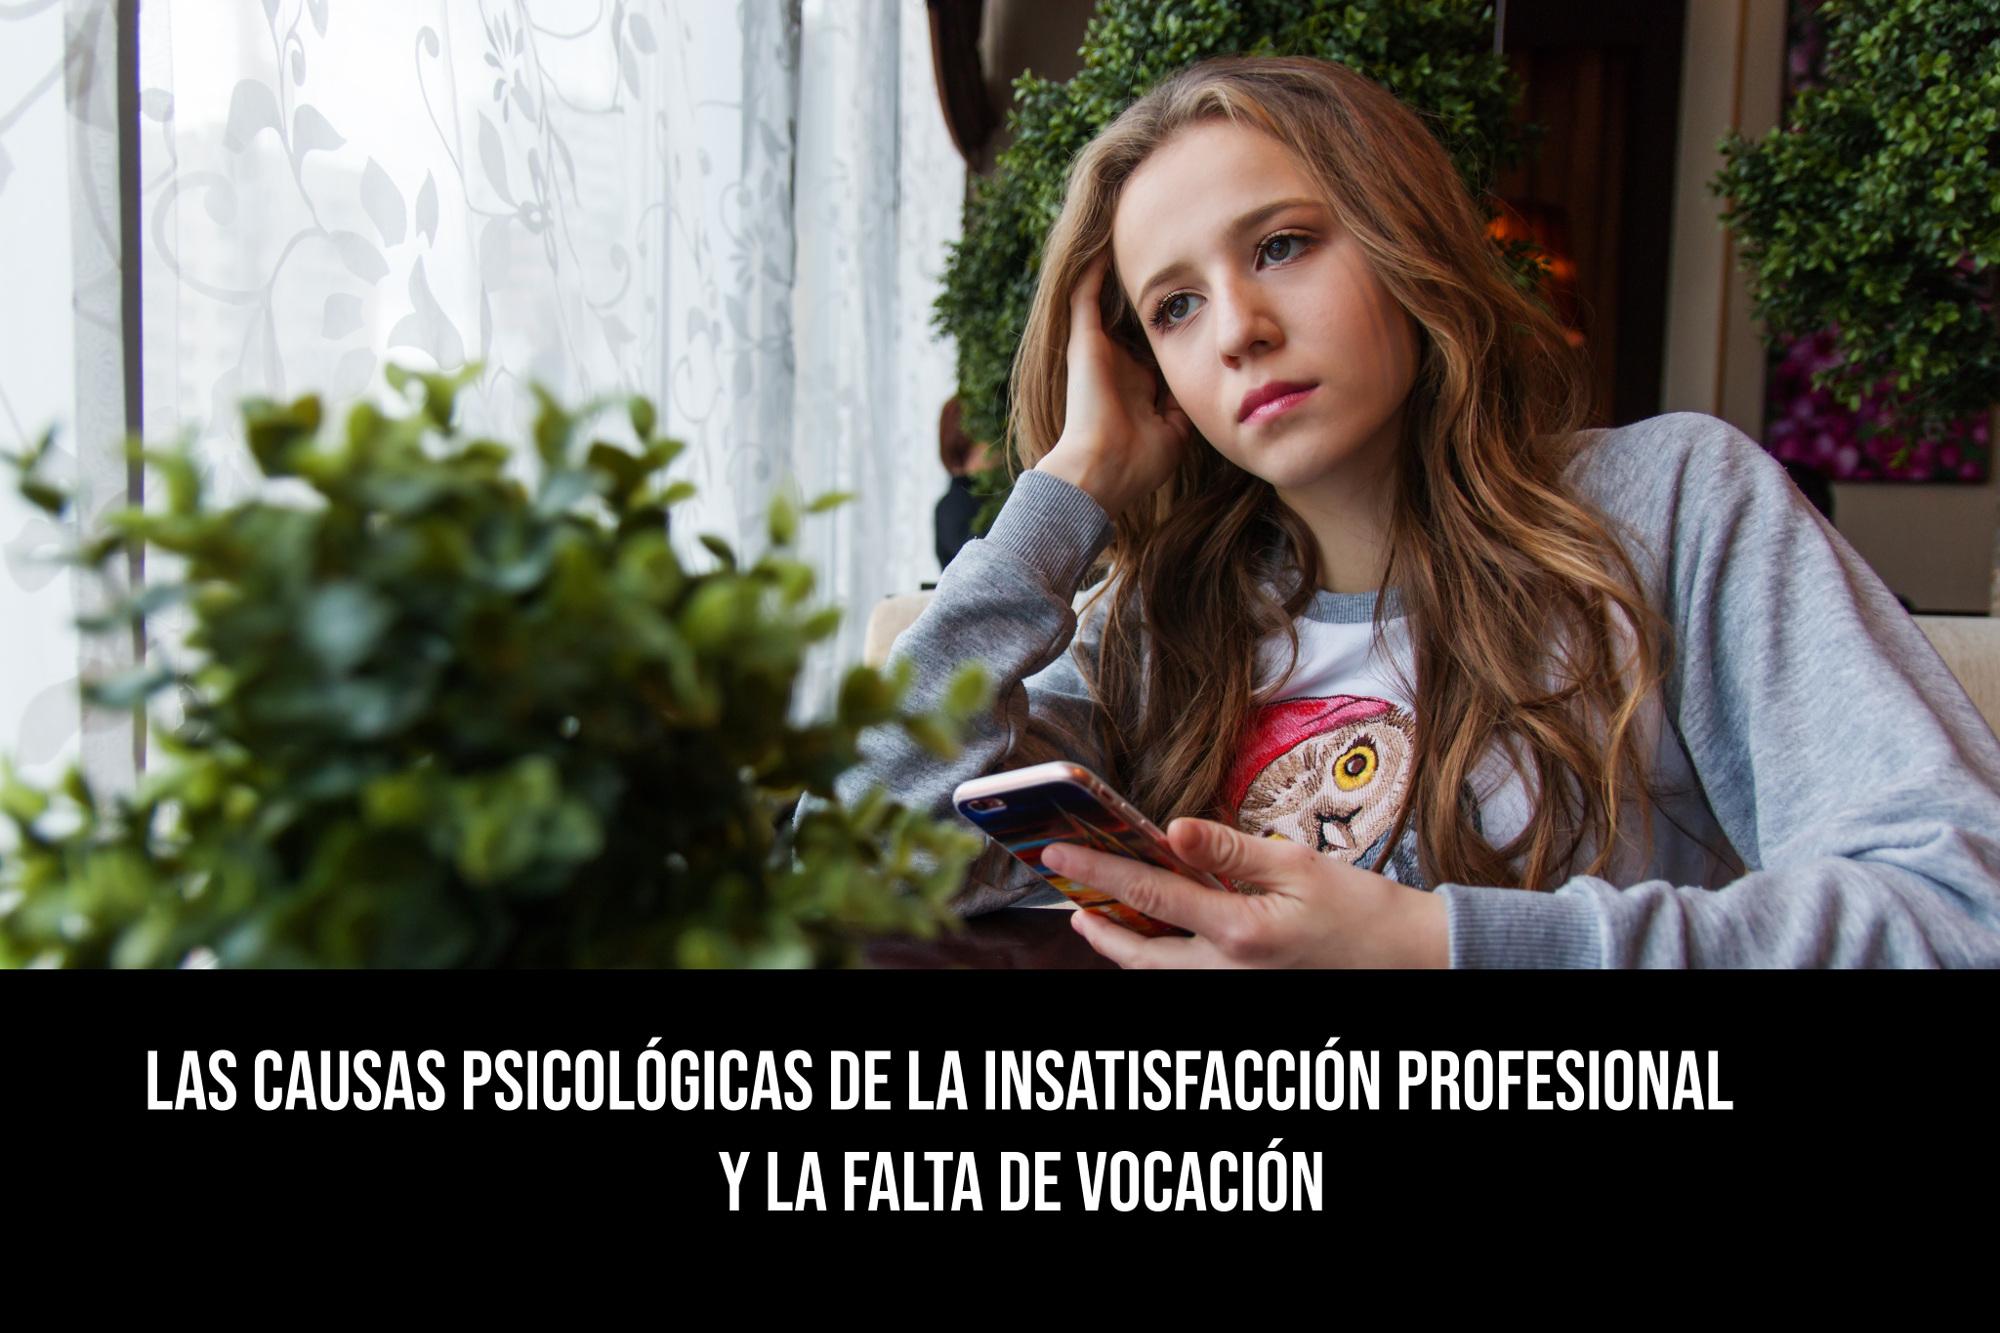 Insatisfacción profesional y falta de vocación: 3 causas psicológicas